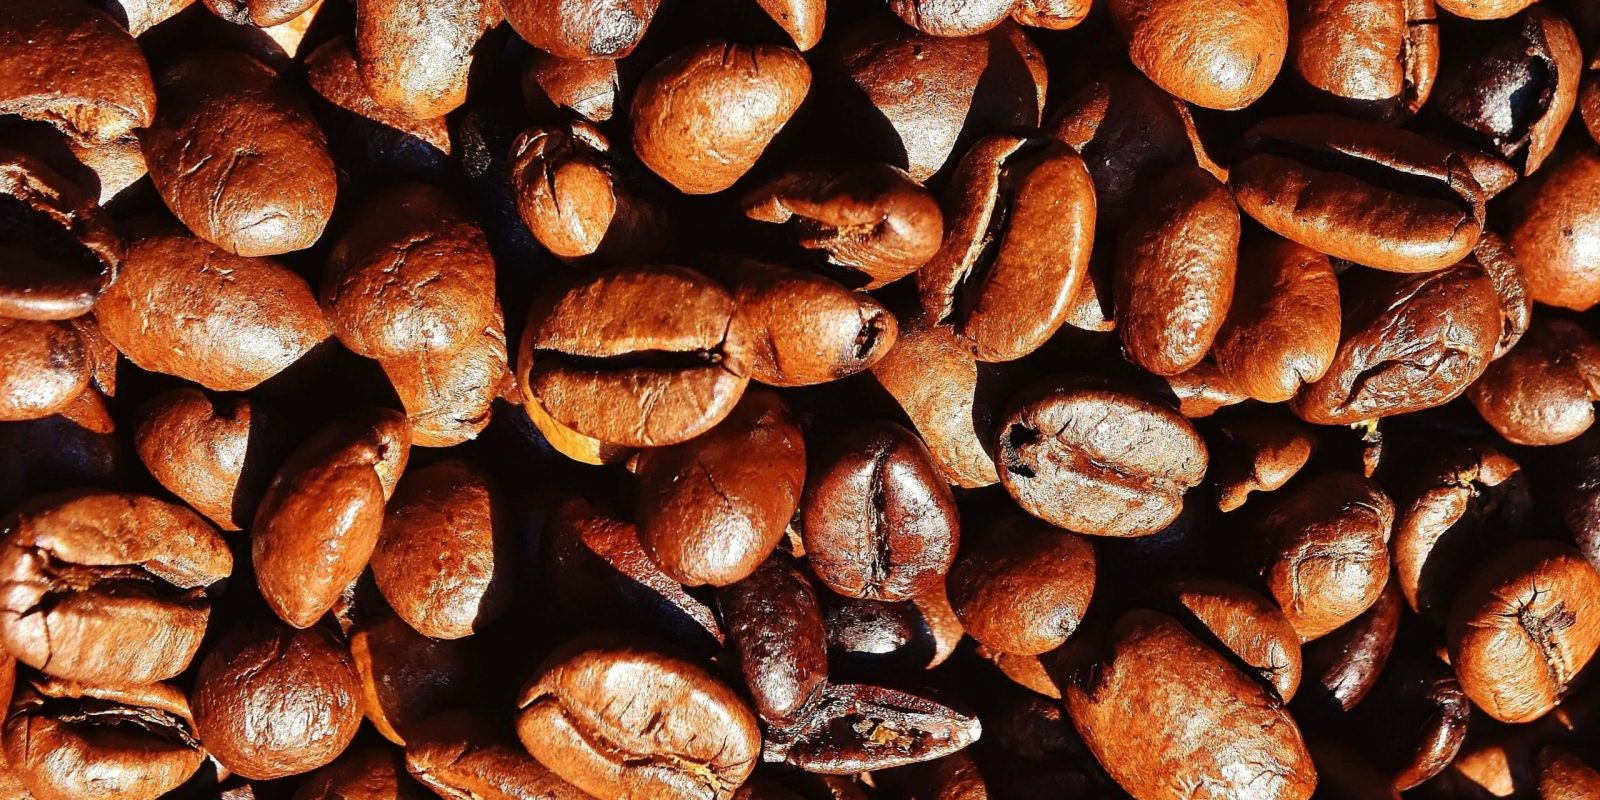 type de café café marque café grain café moulu café wikipédia café plante café nespresso